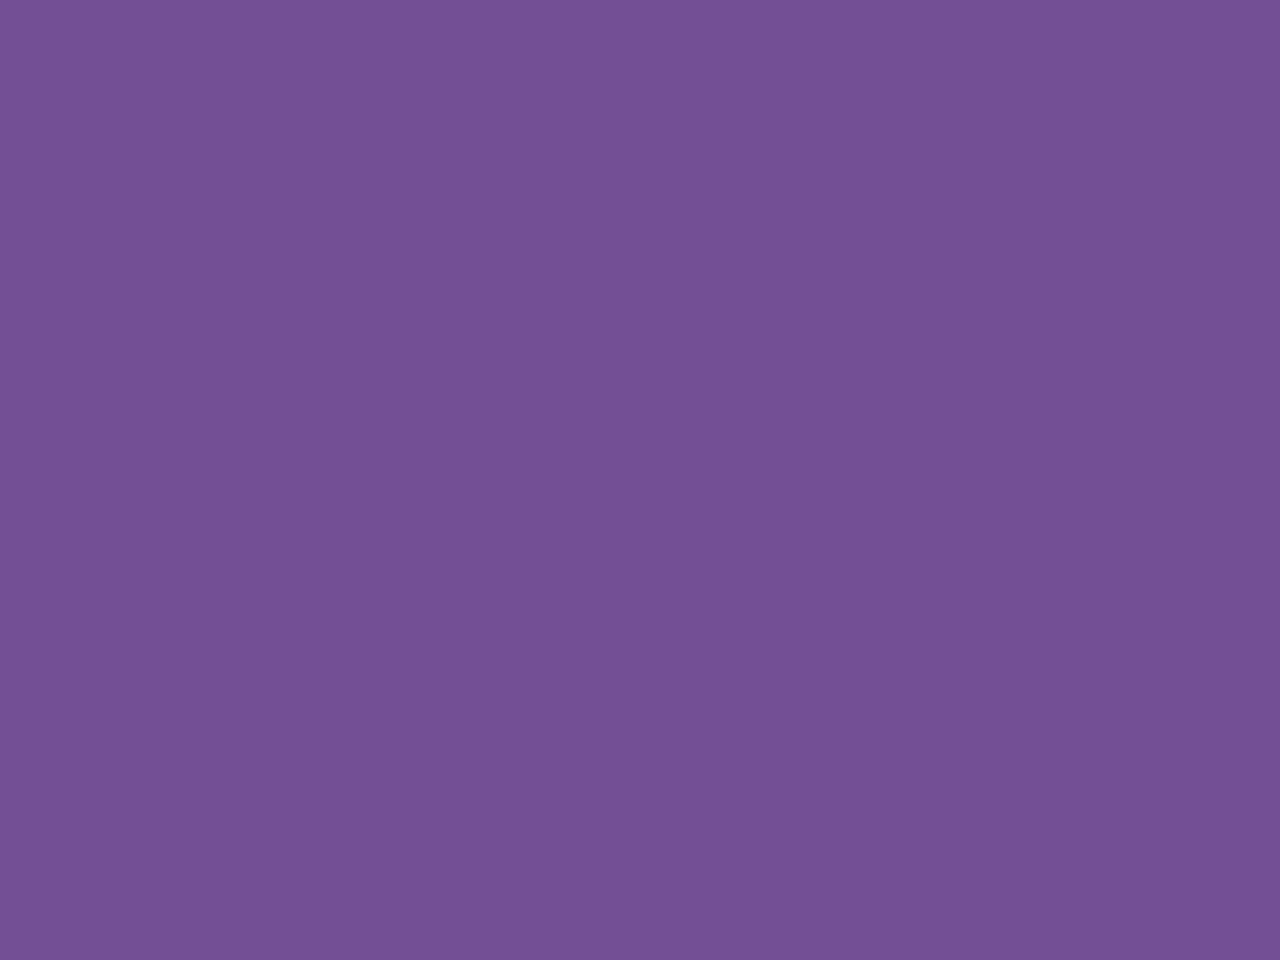 1280x960 Dark Lavender Solid Color Background